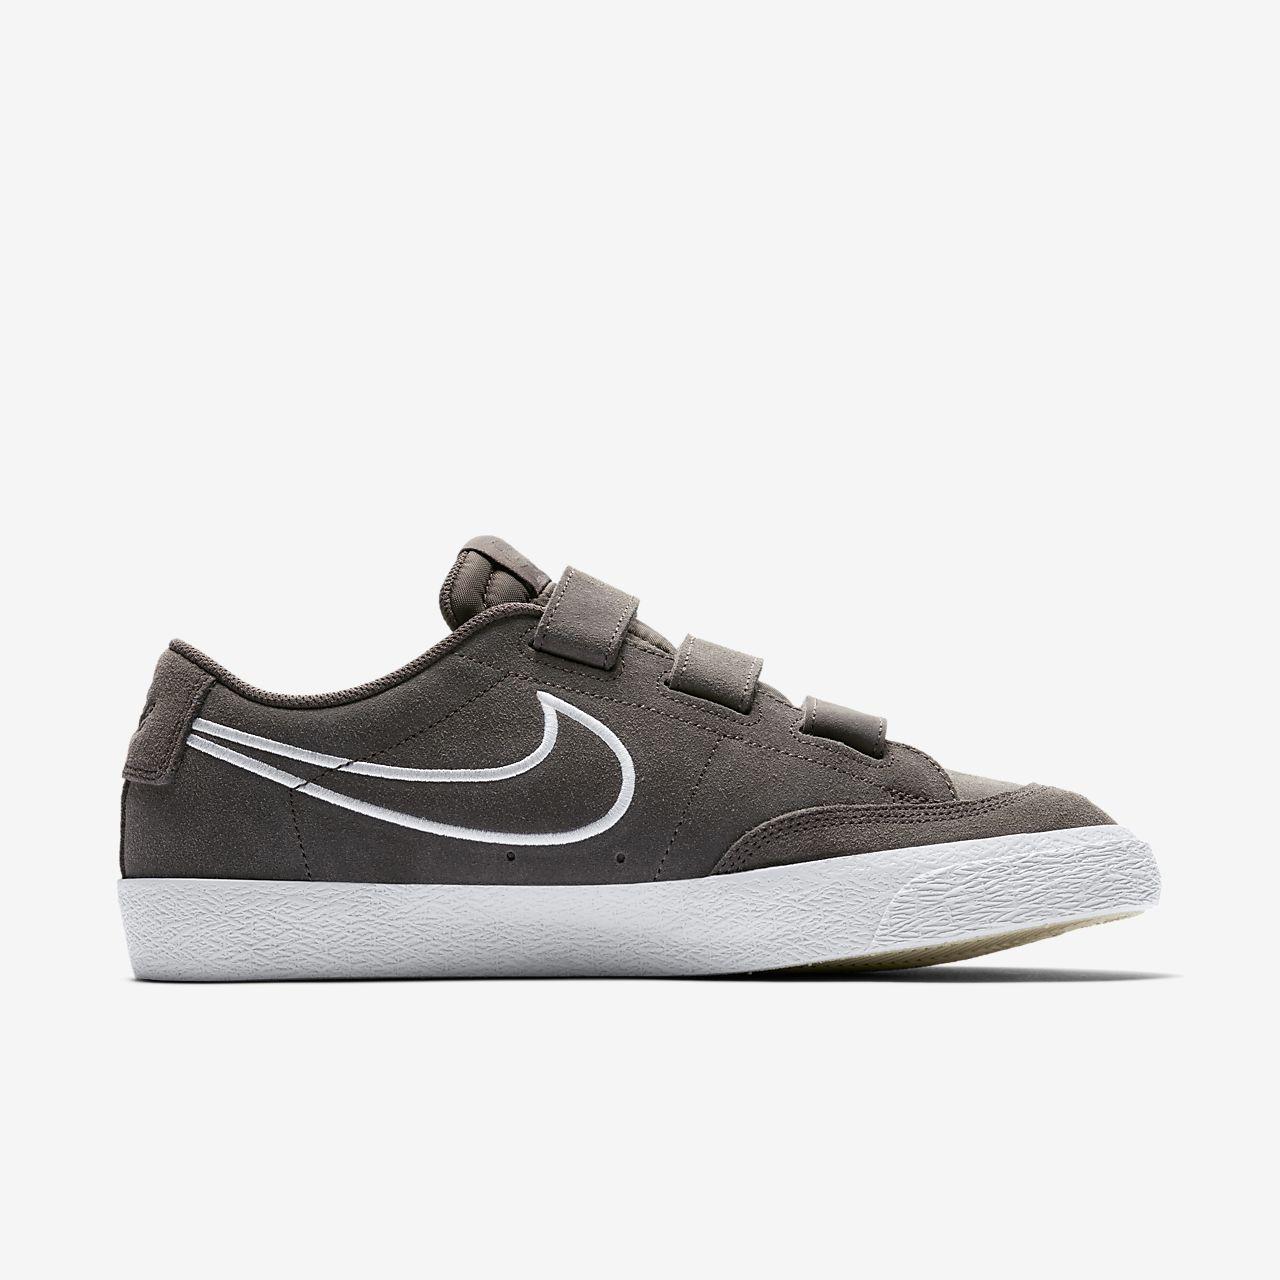 online store 1624d 9fc33 ... Nike SB Zoom Blazer AC XT Men s Skateboarding Shoe